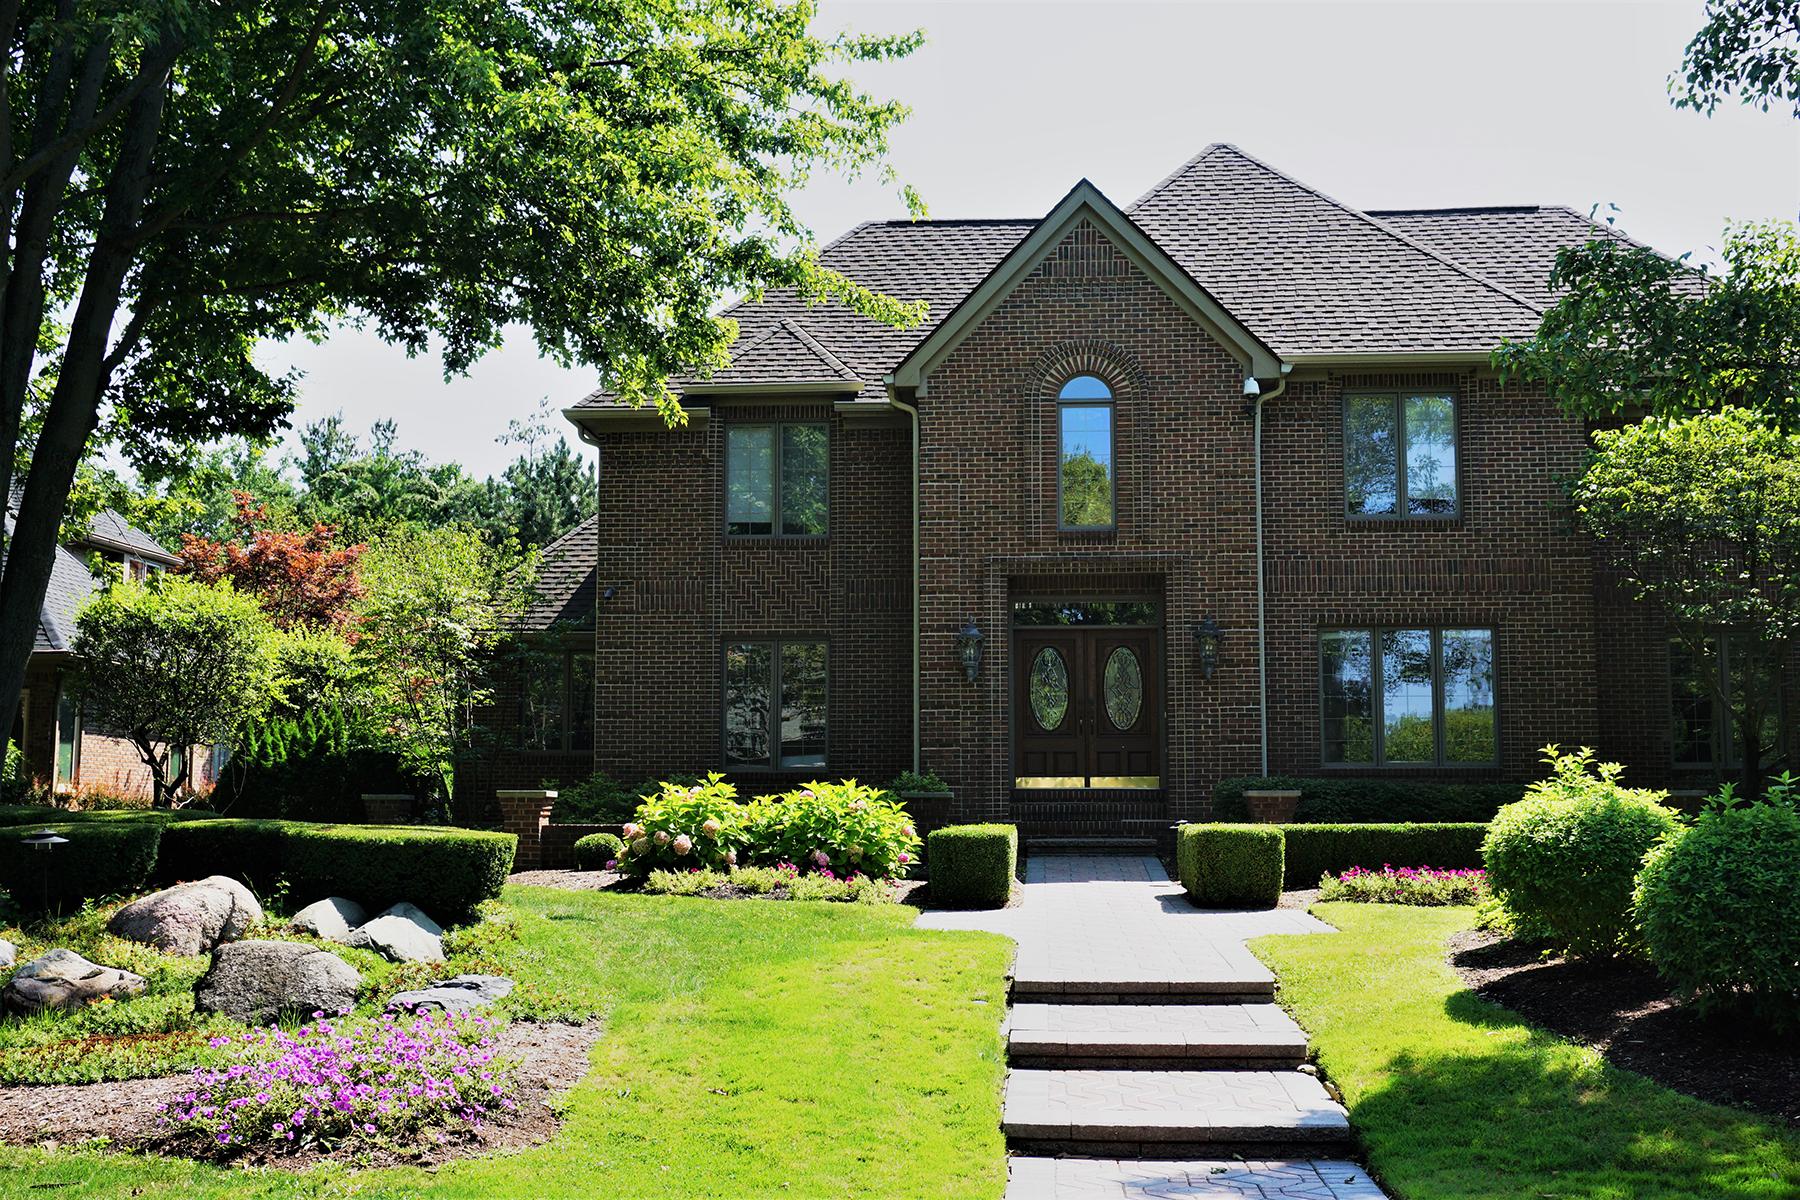 Частный односемейный дом для того Продажа на Clinton Township 19910 Westchester Drive Clinton Township, Мичиган, 48038 Соединенные Штаты